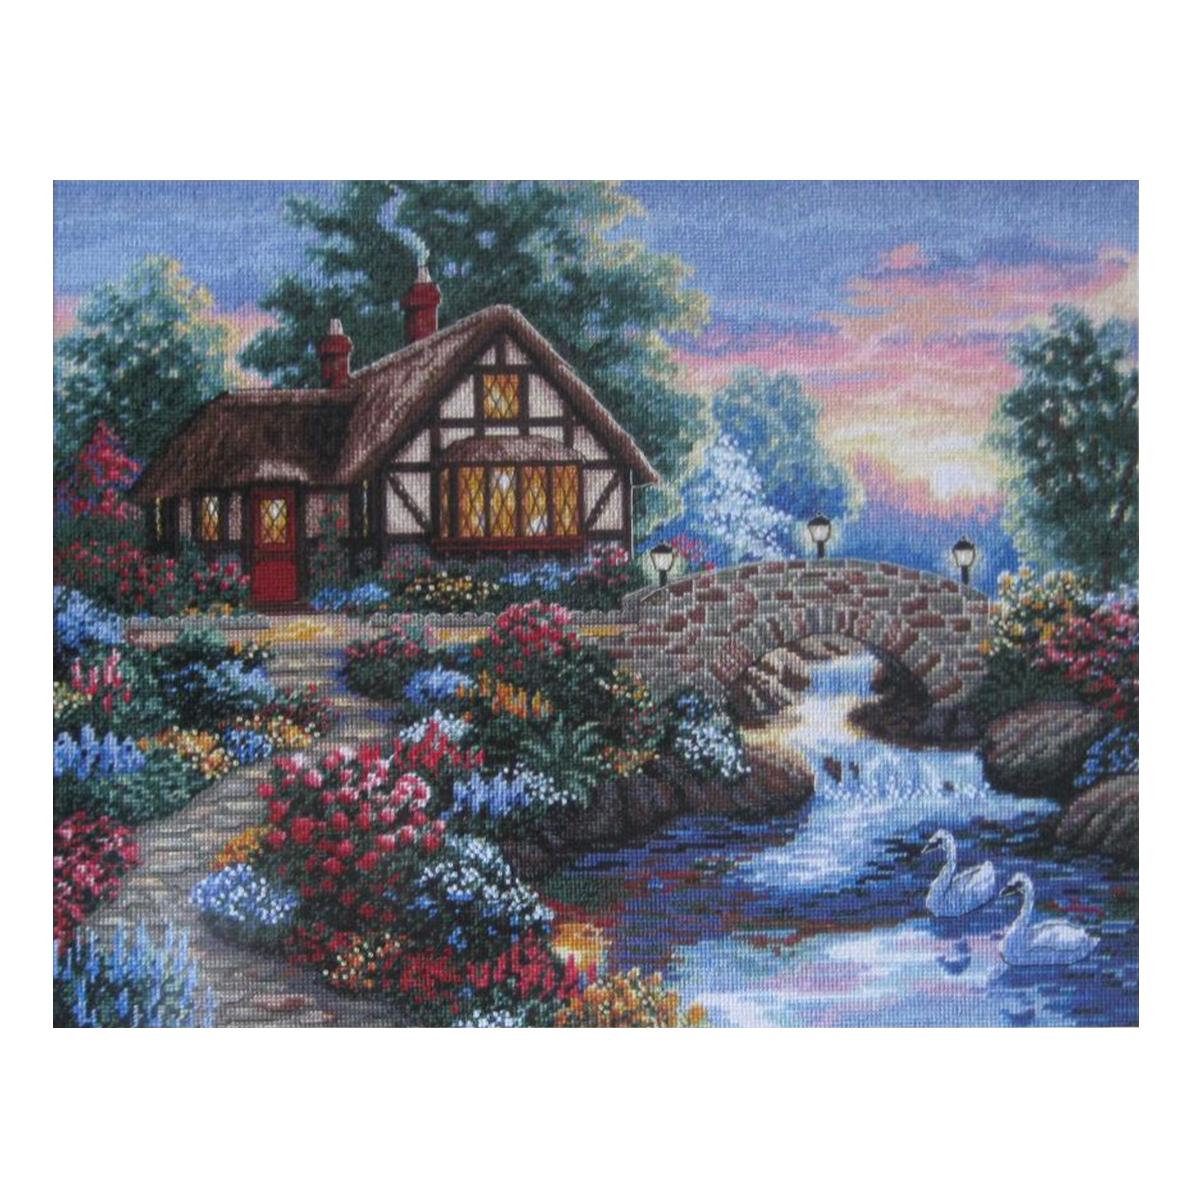 Алмазная мозаика Cristal, на деревянном подрамнике, 40 х 50 см. 77129887712988/GZ055Набор для творчества Cristal поможет вам создать свой личный шедевр - красивую картину, выполненную в мозаичной технике. Выложите прекрасную картину из множества маленьких цветных камушков. С помощью пинцета камушки размещаются на холсте, в результате проявляется рисунок. Постепенно заполняя ряд за рядом, вы создадите чудесное переливающееся изображение. Каждый камушек выполнен из прочного материала. Работа, выполненная своими руками, станет отличным подарком для друзей и близких! В набор входит: - Основа картины с нанесенной схемой на деревянной раме; - Ключи к схеме; - Комплект искусственных камней (35 цветов); - Желеобразный клей; - Пинцет; - Прозрачный клей; - Пластиковая ручка; - Пластмассовый лоток для камней; - Металлические крепления для готовой работы. Диаметр камушка: 2,5 мм. Размер готового изделия: 40 х 50 см.